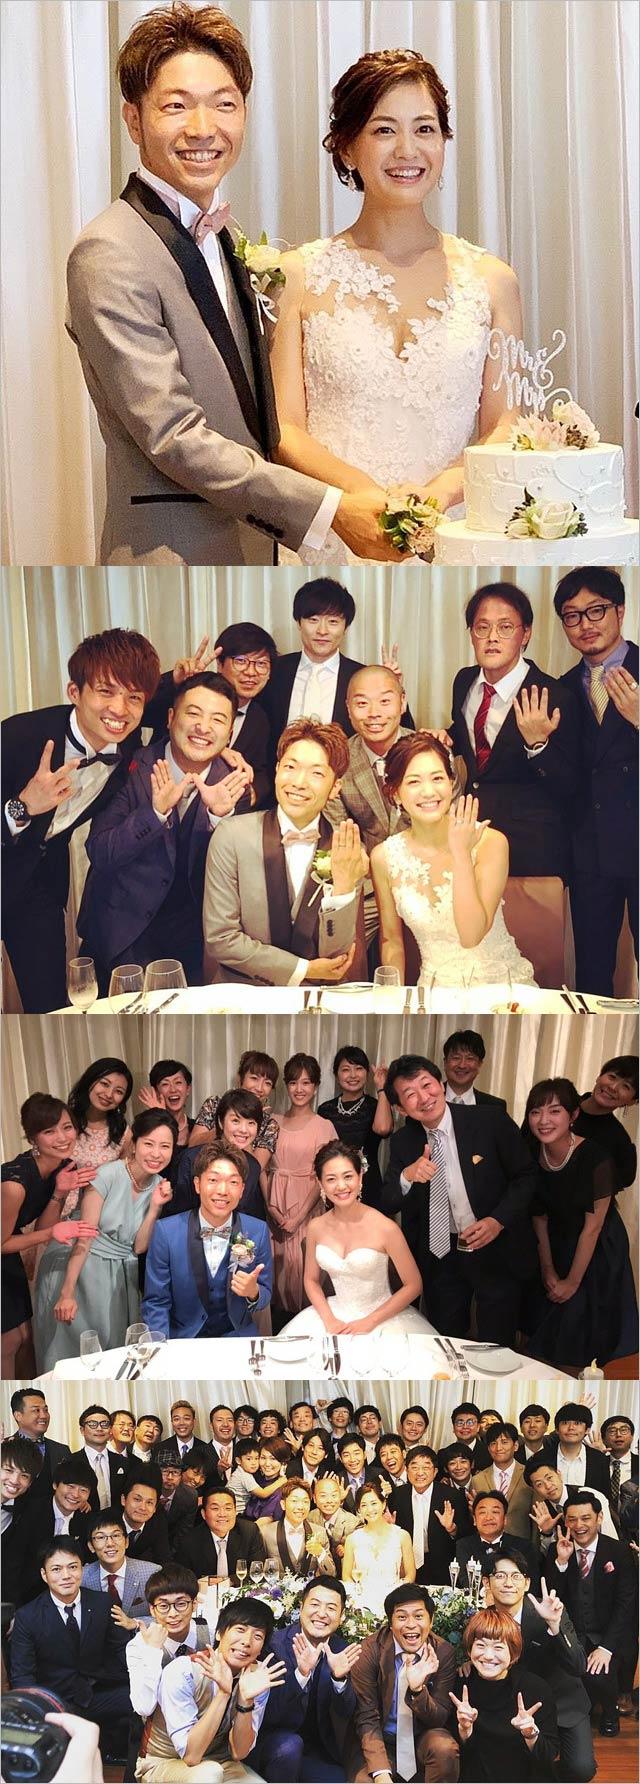 アキナ秋山賢太&塚本麻里衣アナ結婚式画像